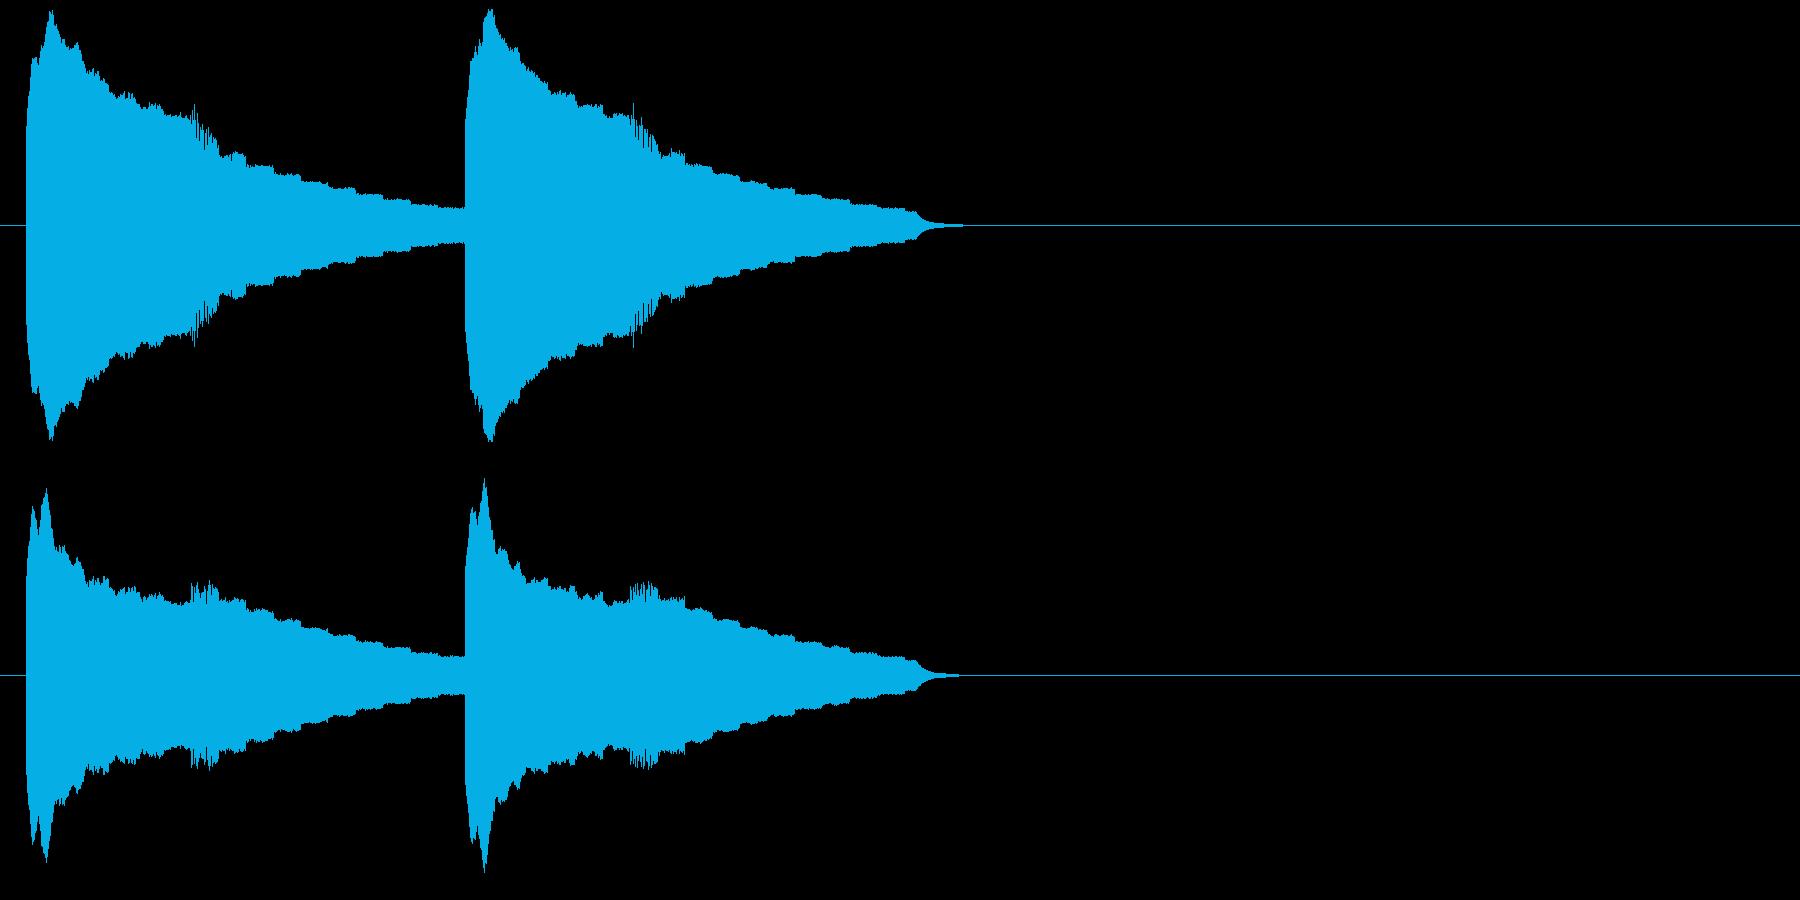 ピンポンピンポン(呼出音)の再生済みの波形